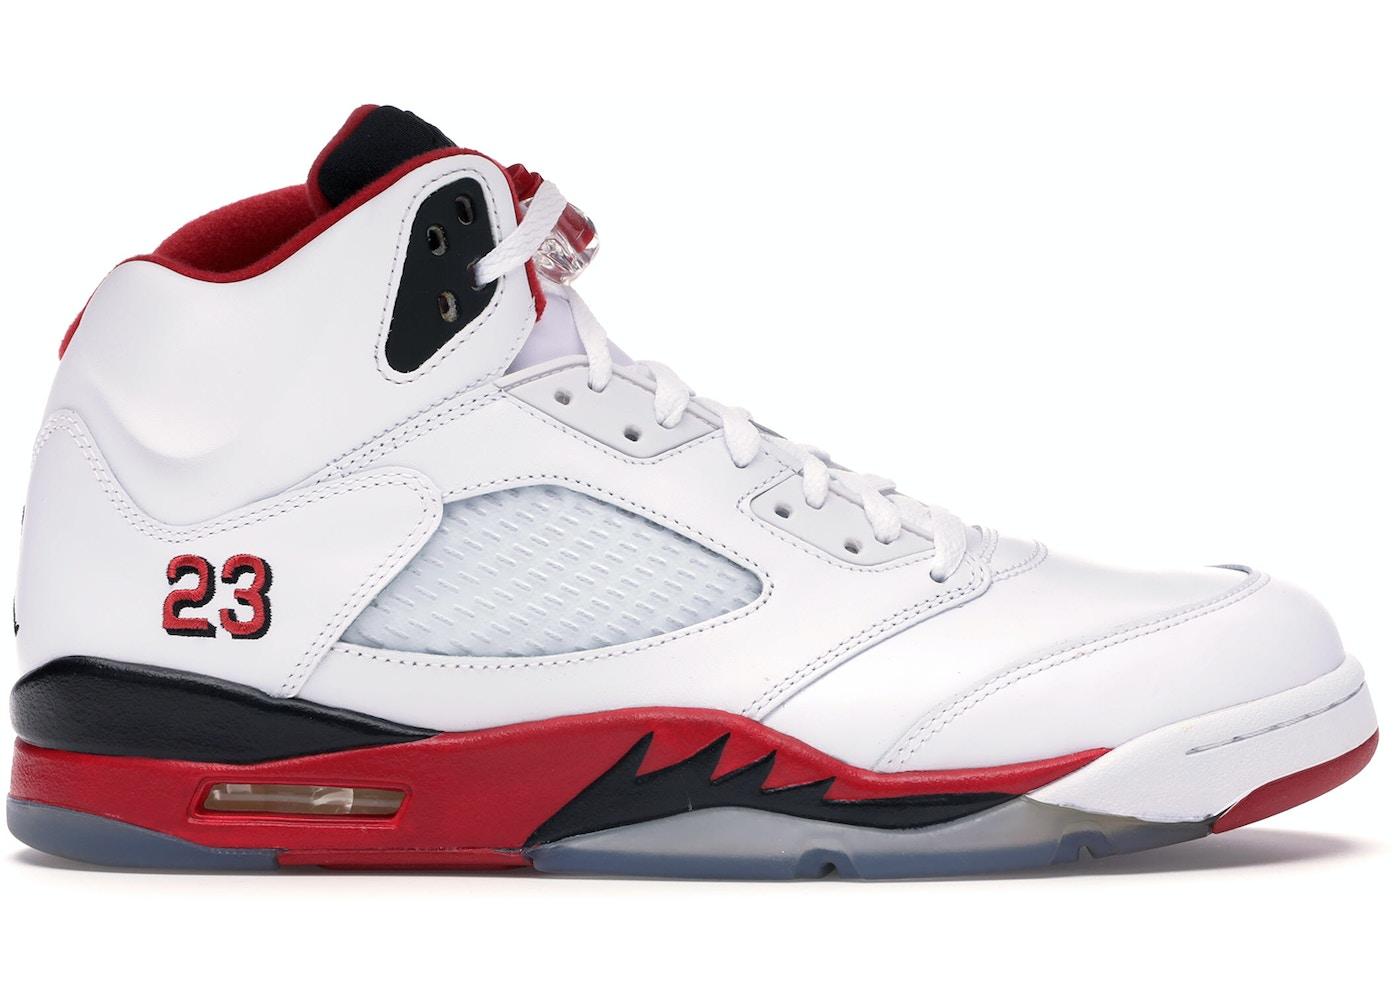 95bee77d327 Buy Air Jordan 5 Shoes & Deadstock Sneakers